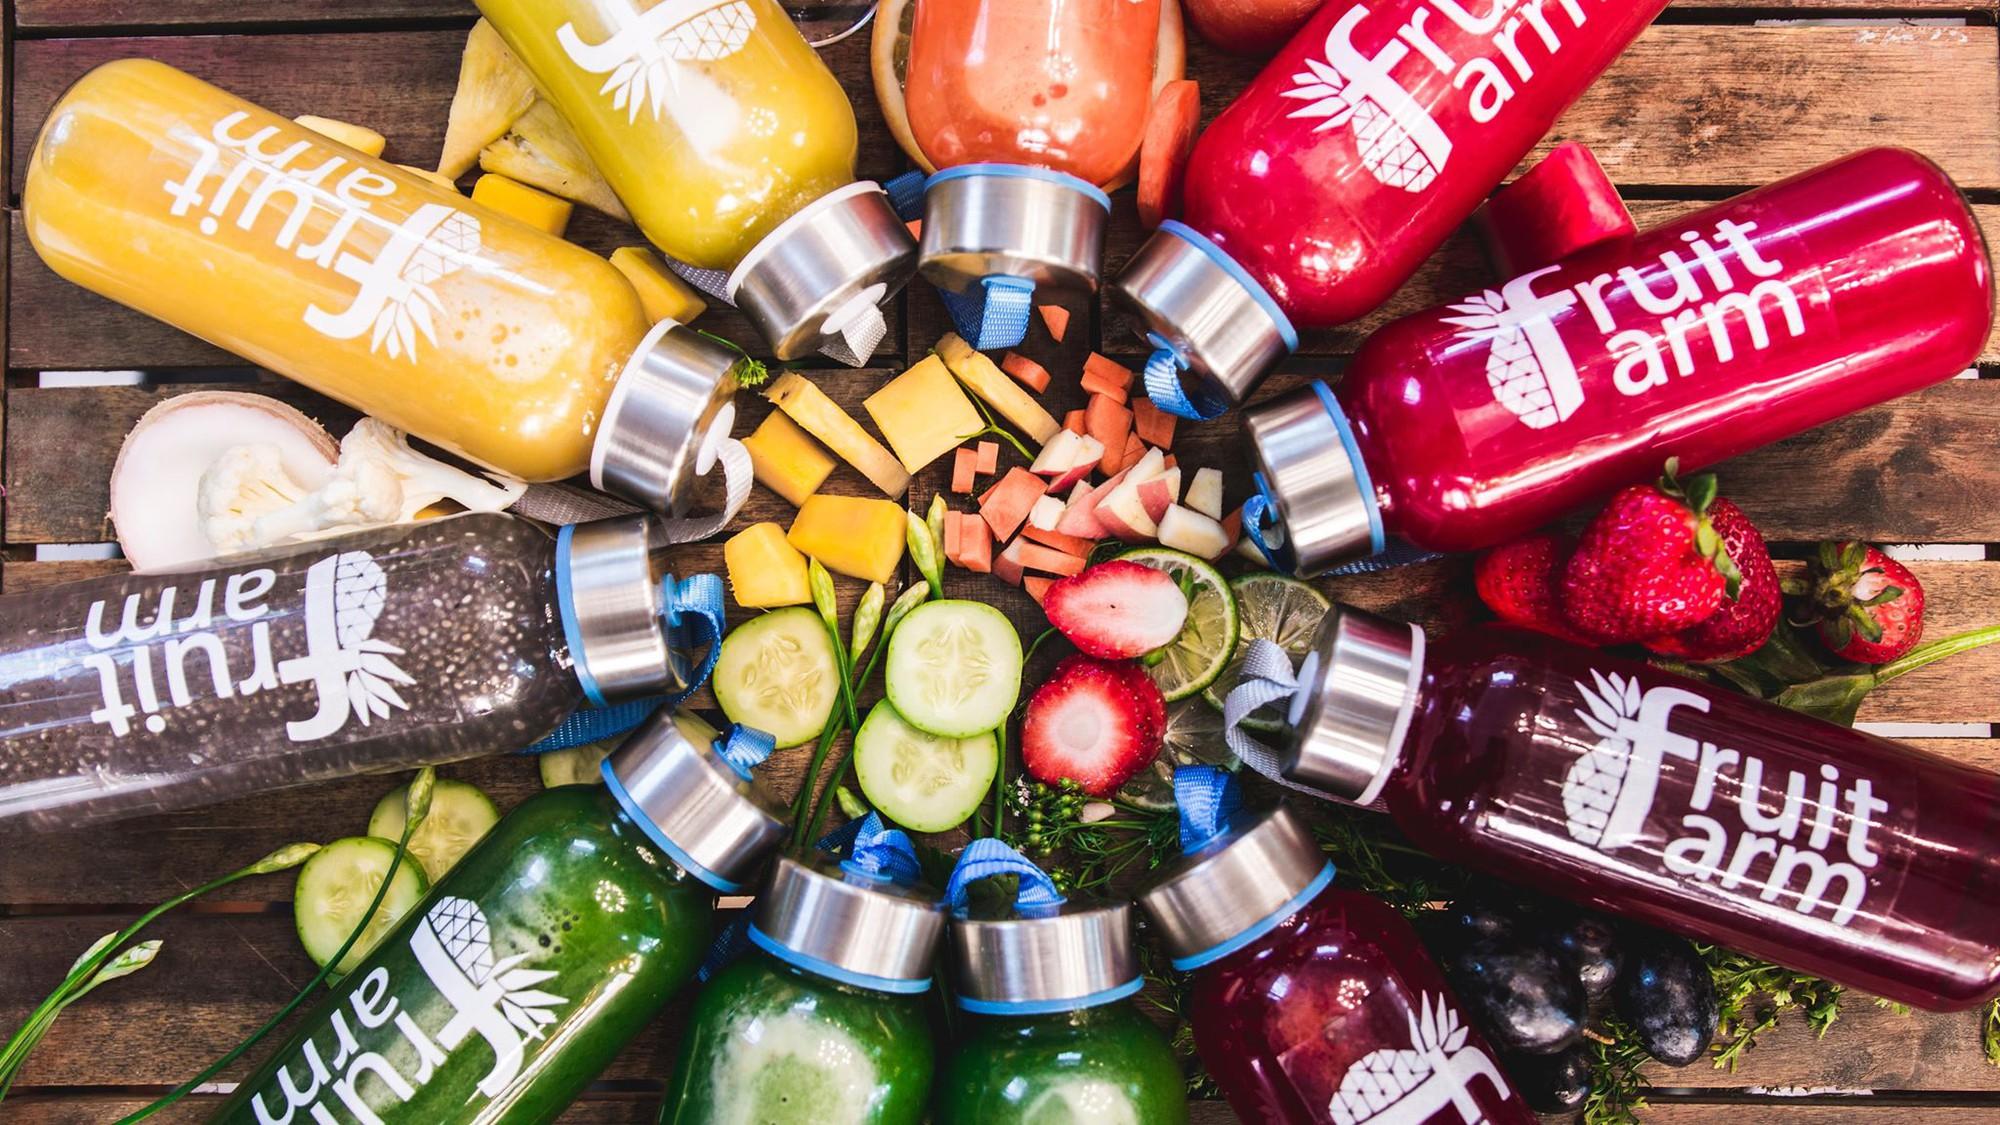 Fruit Farm – Nước uống detox đẹp da, thanh lọc cơ thể - Ảnh 4.